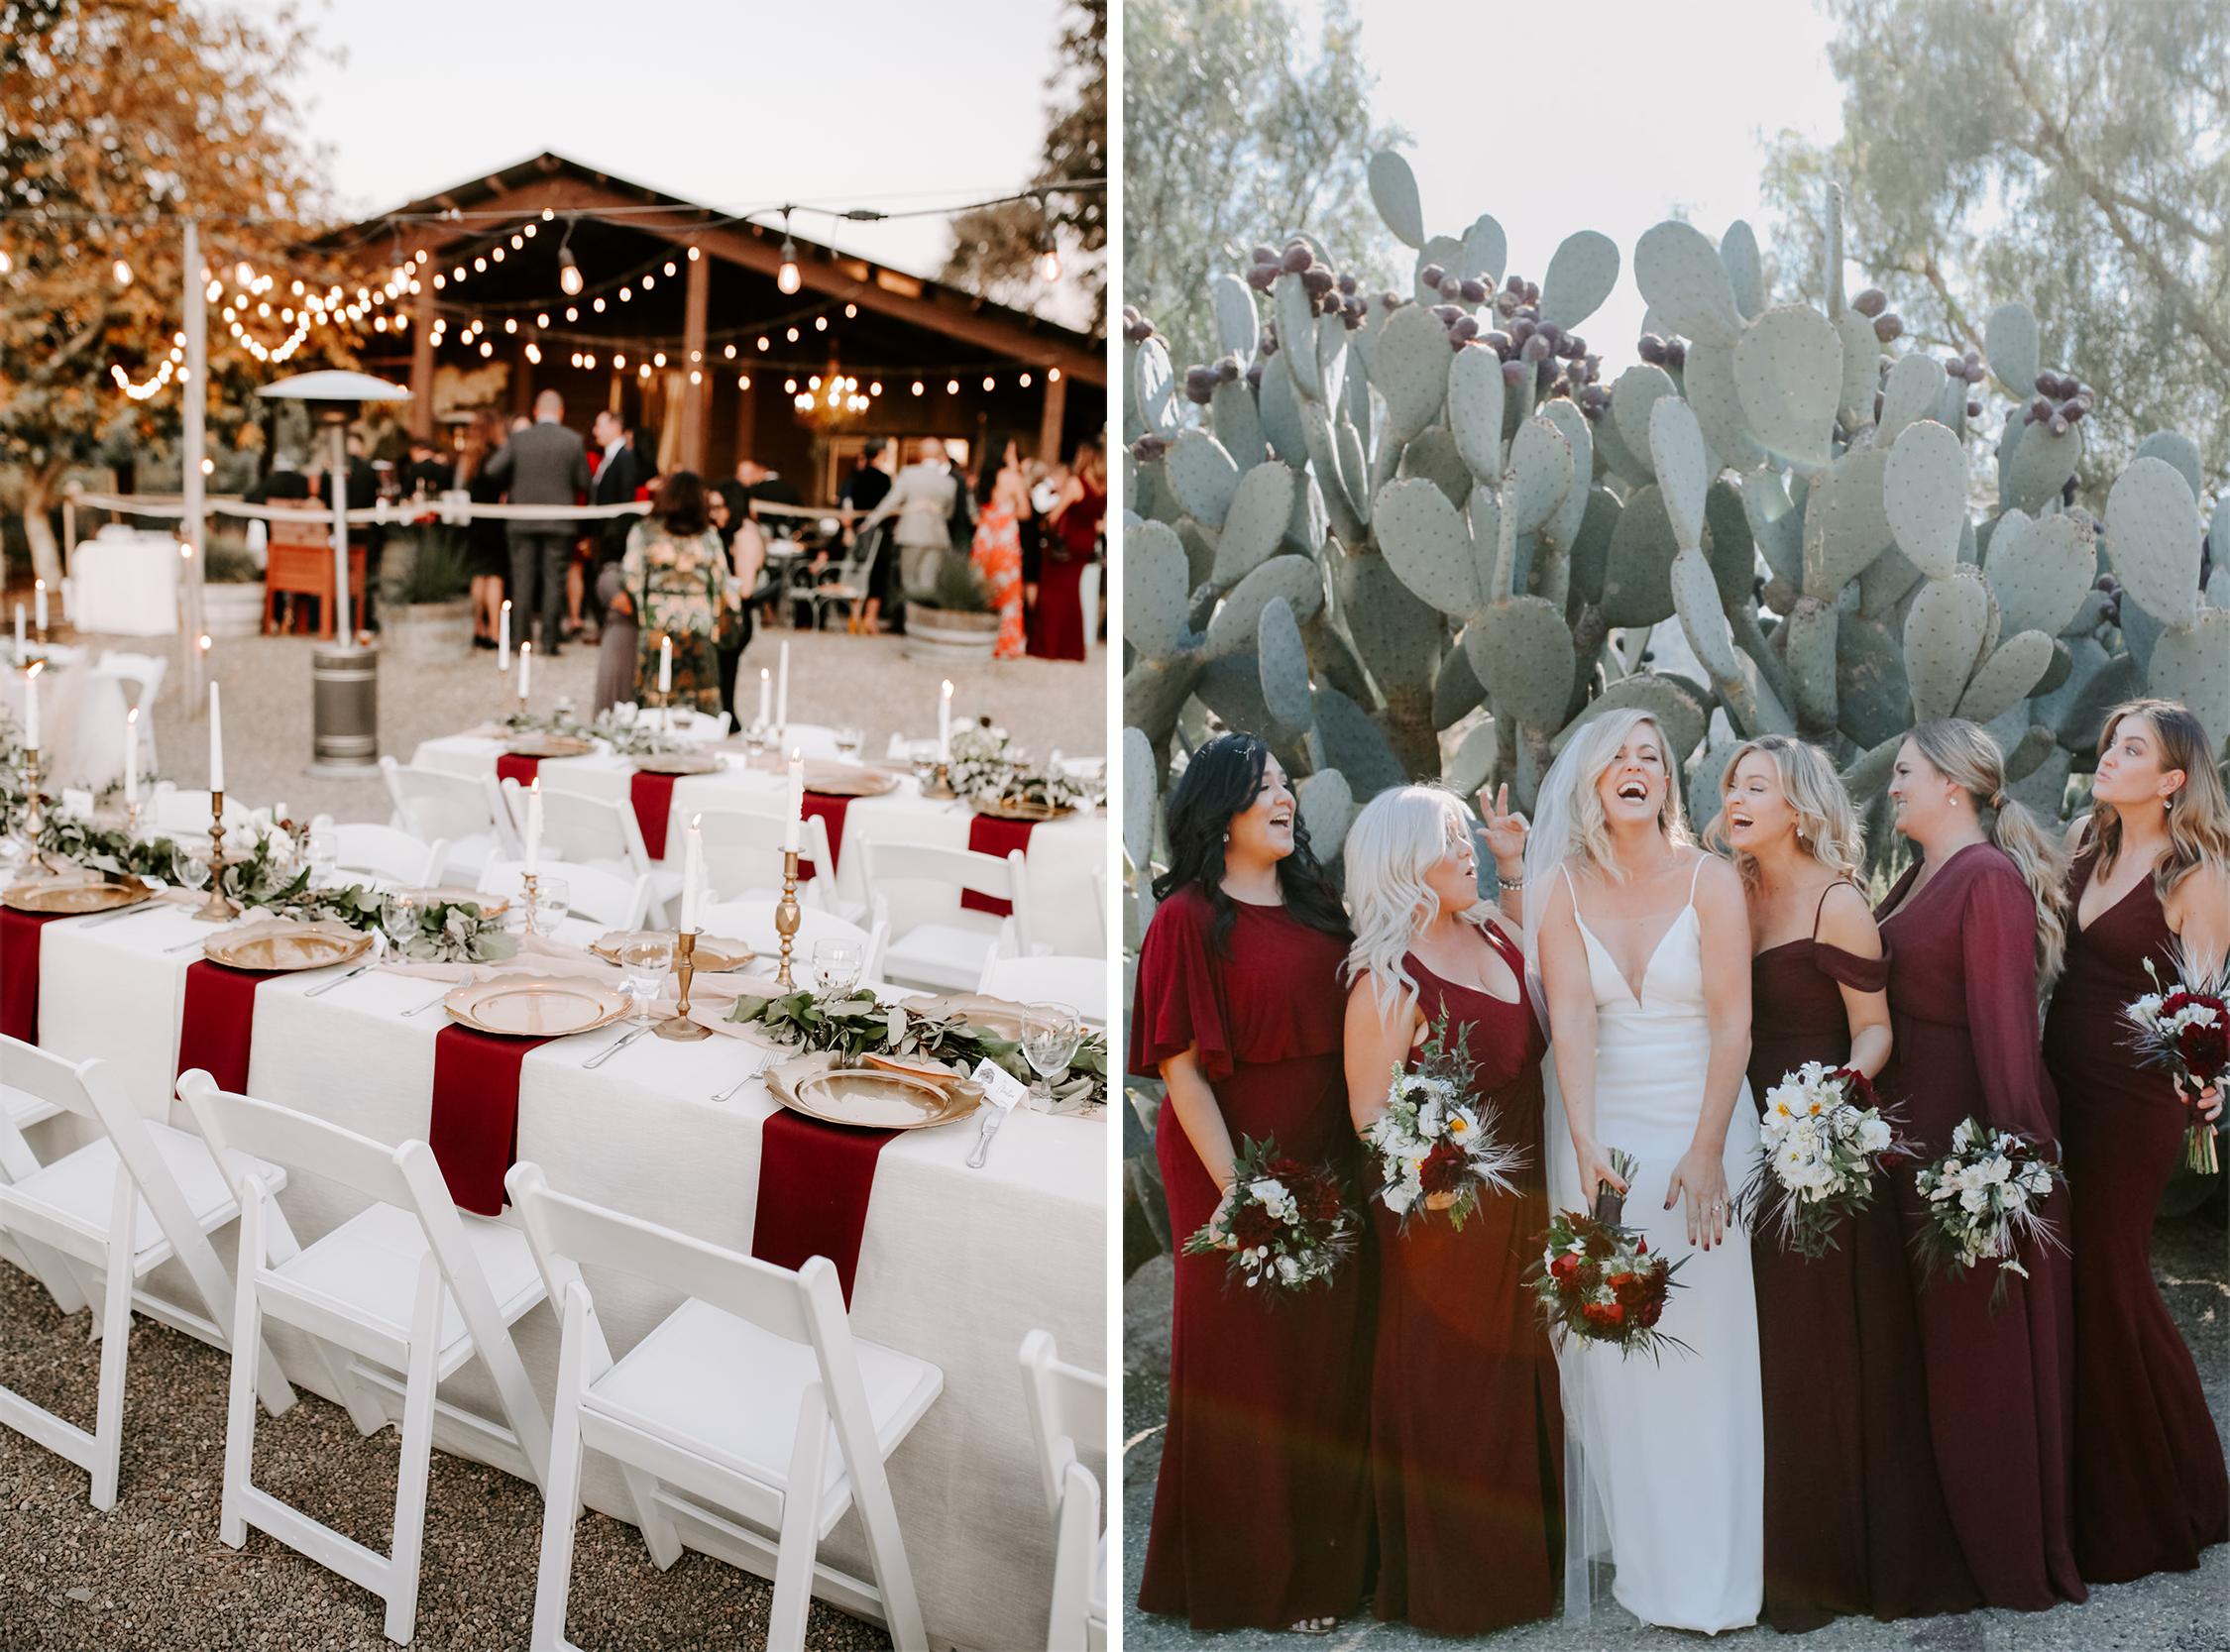 Red Wedding Inspo in the Desert